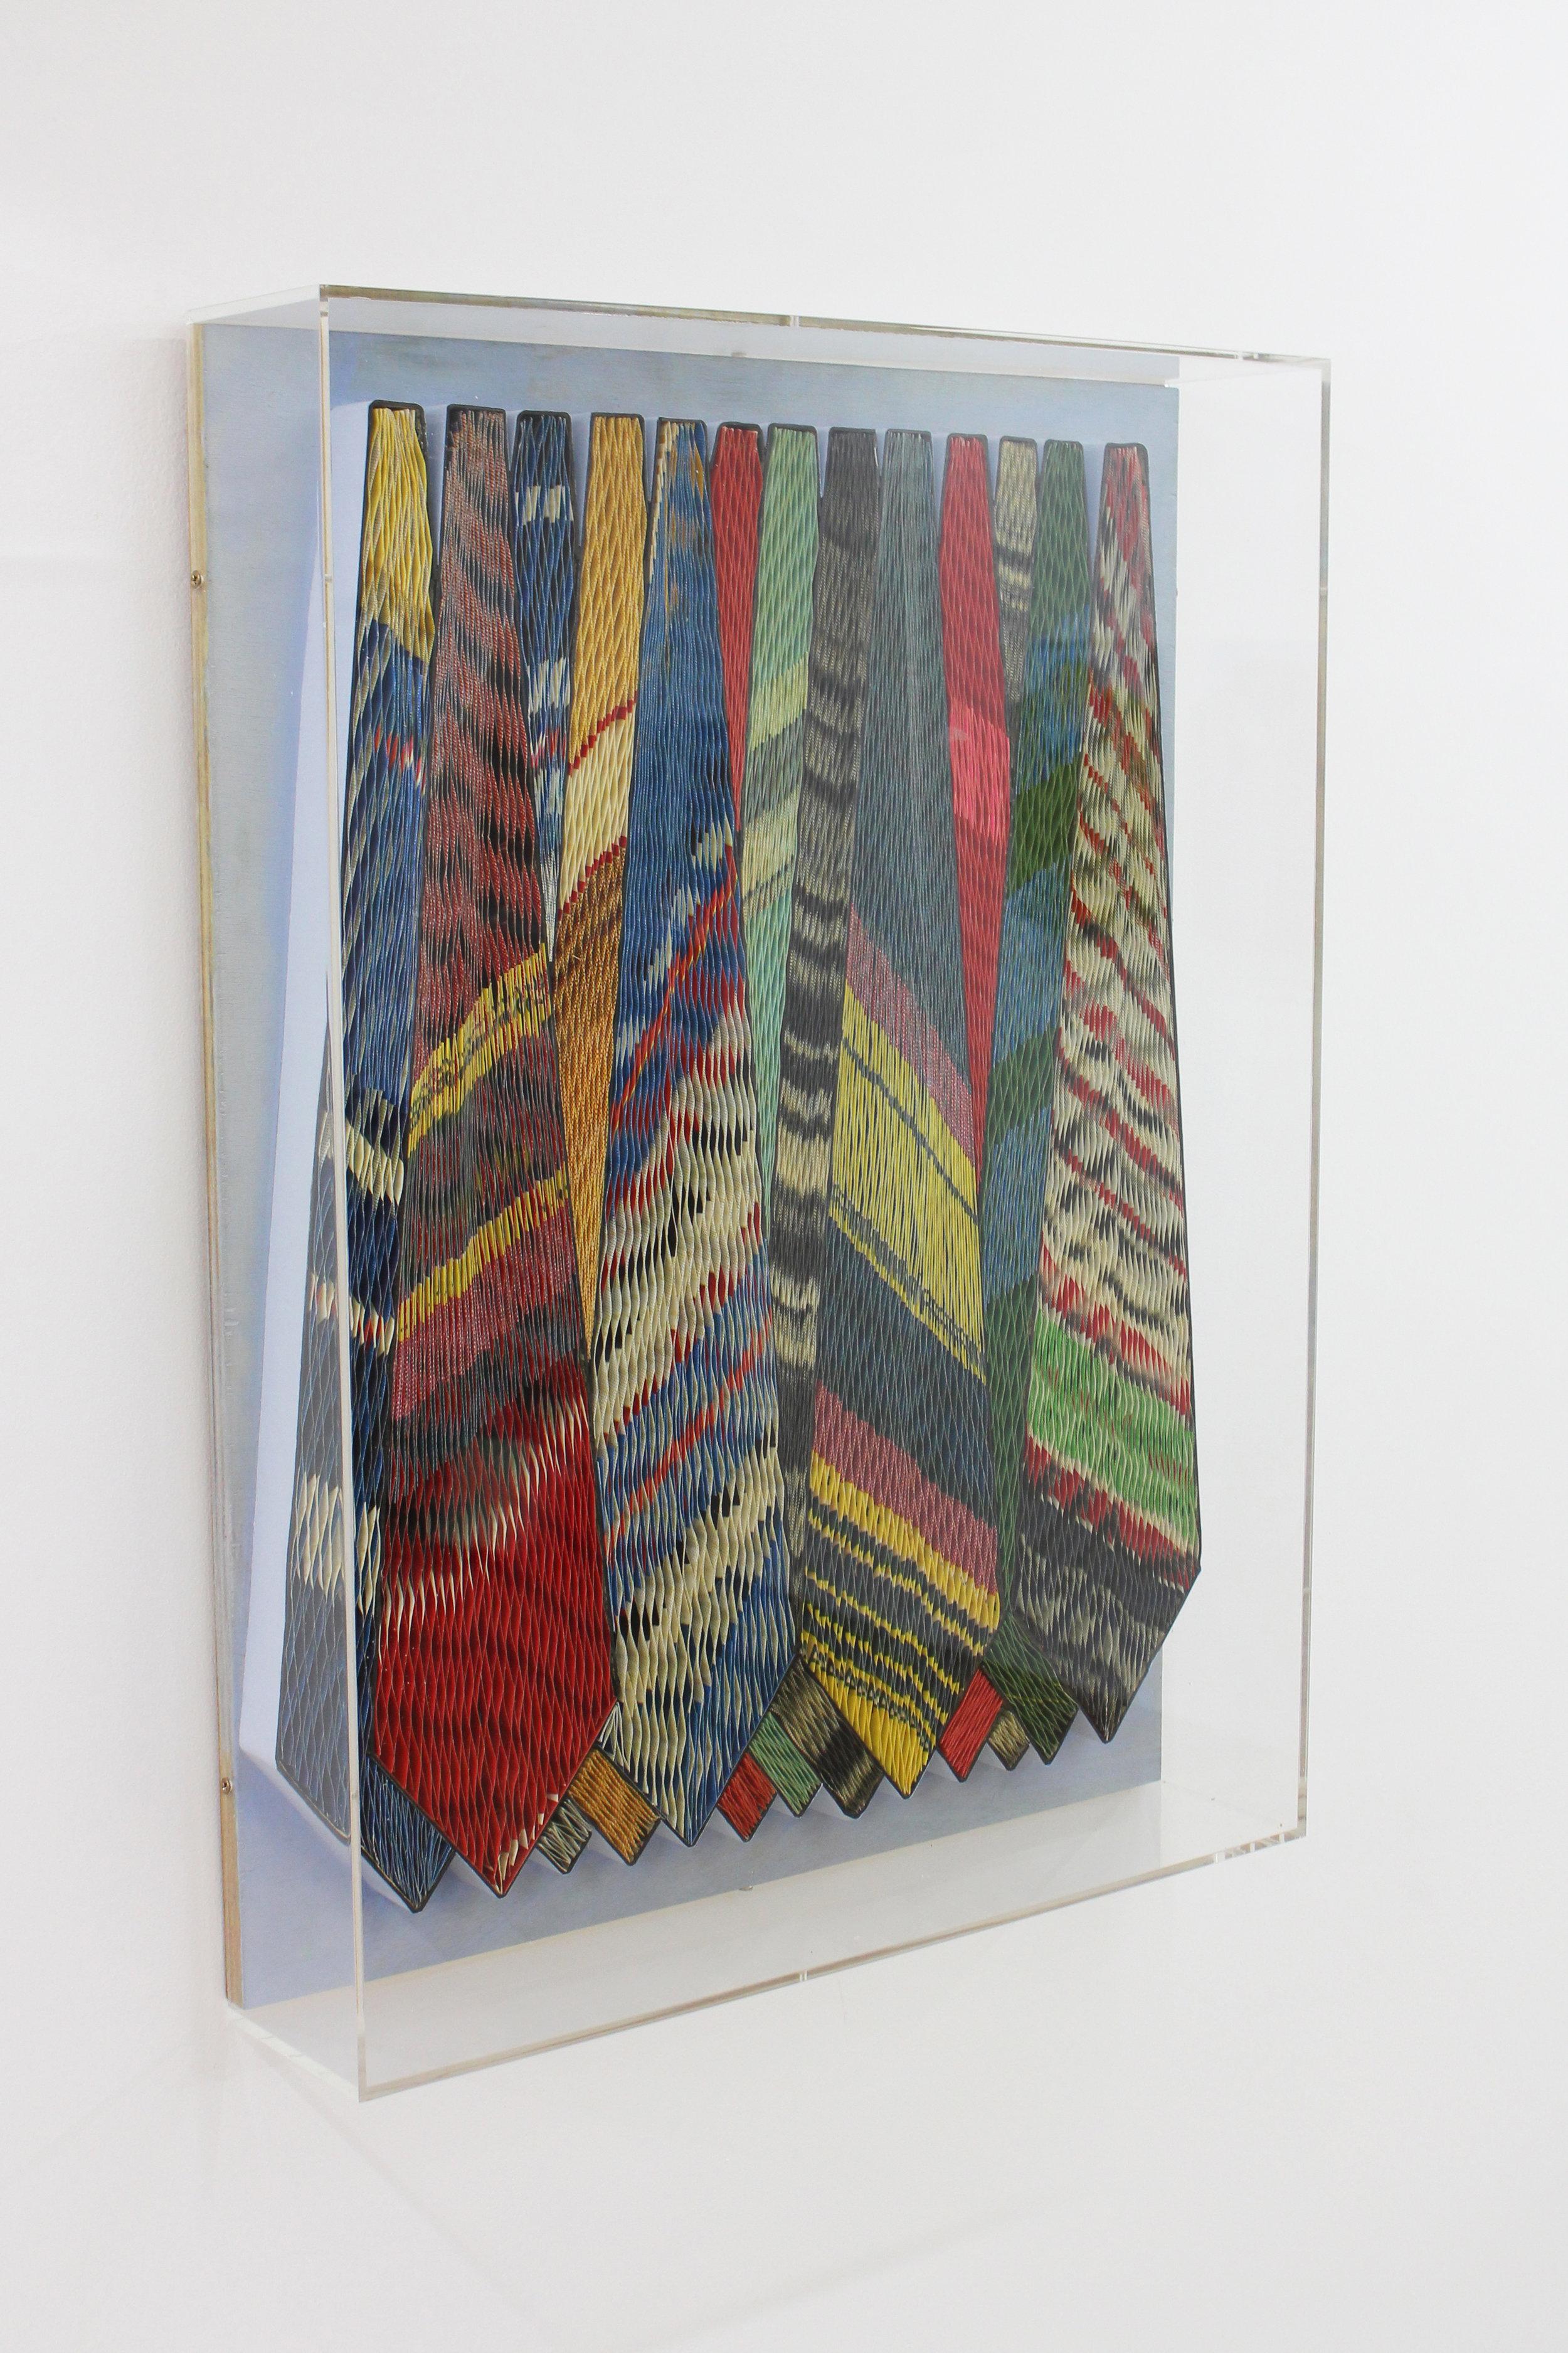 CRAVATES - Pavlos Dionyssopoulos (1991) - Lés de papier massicotés collés sur un fond en bois peint. Encadrement sous Plexiglas. ©Galerie Sobering Photographie (Cécile Gremillet)